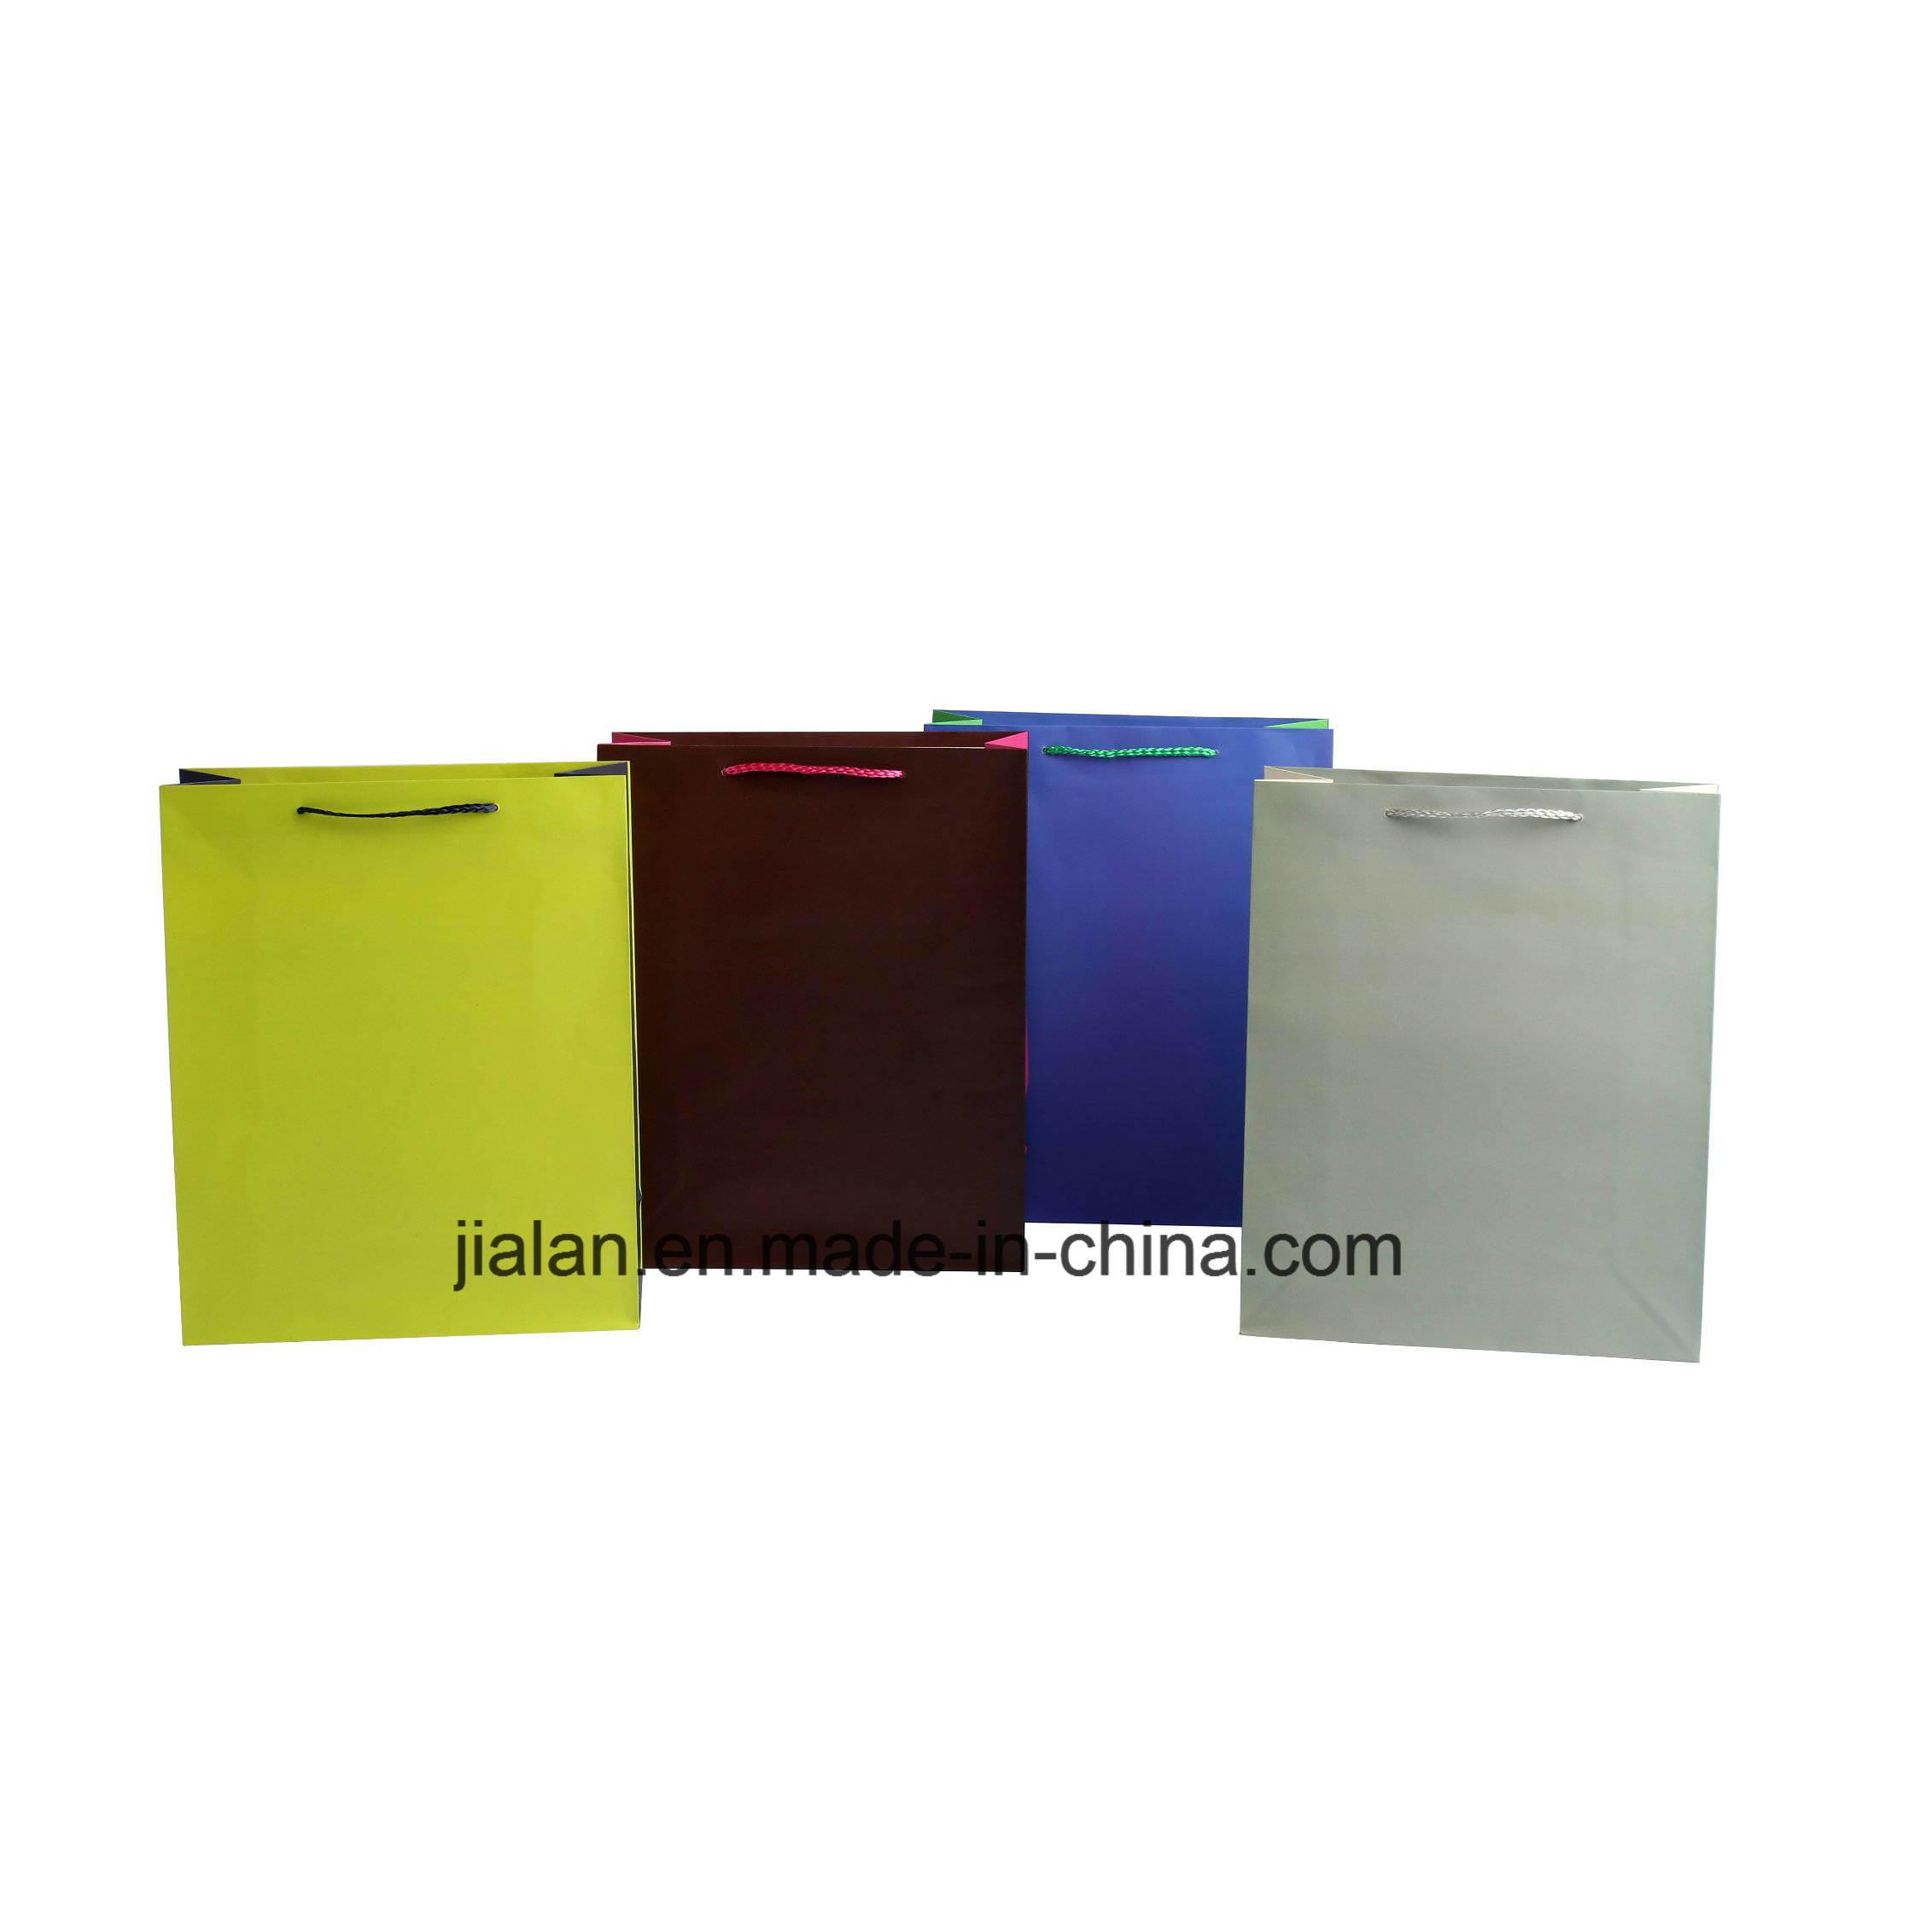 Wholesale Plain Bag China Wholesale Plain Bag Manufacturers